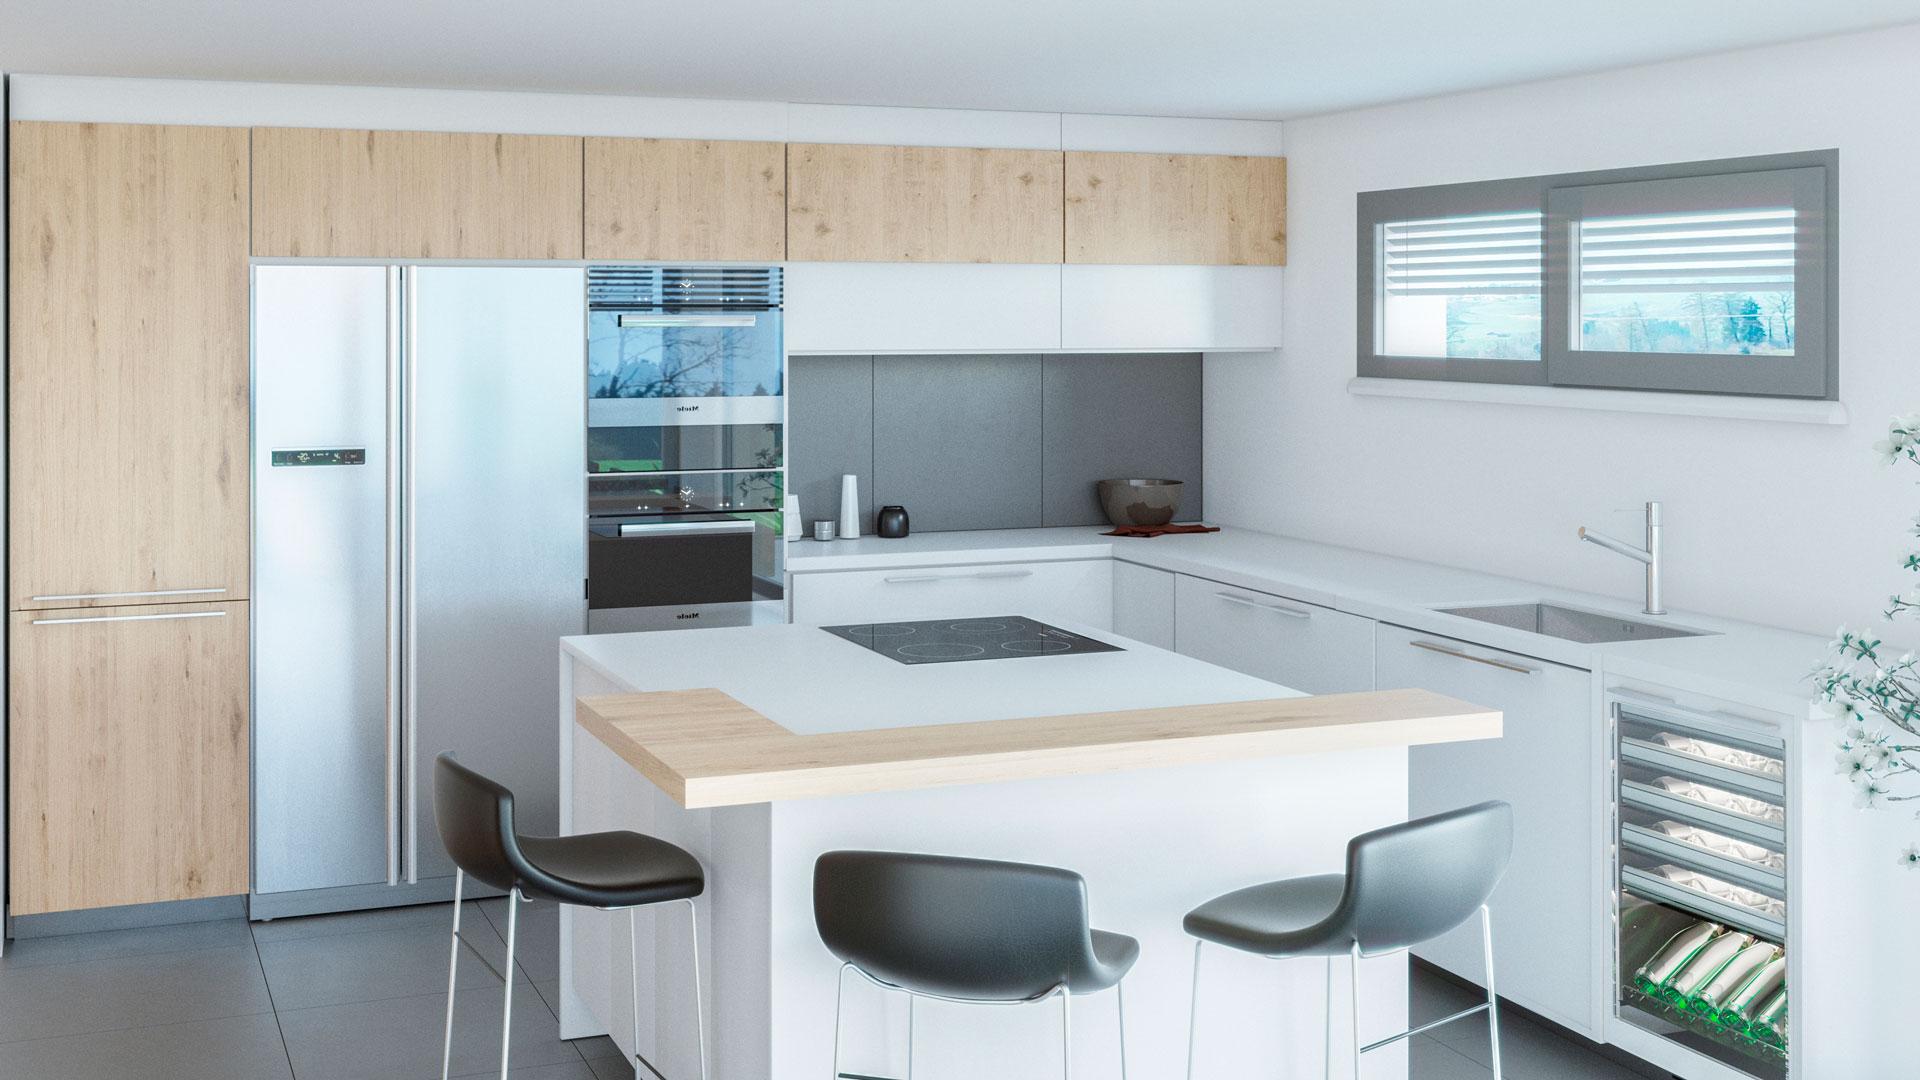 C3 Concept, visualisation 3D architecture à Bulle. Villarvolard intérieur